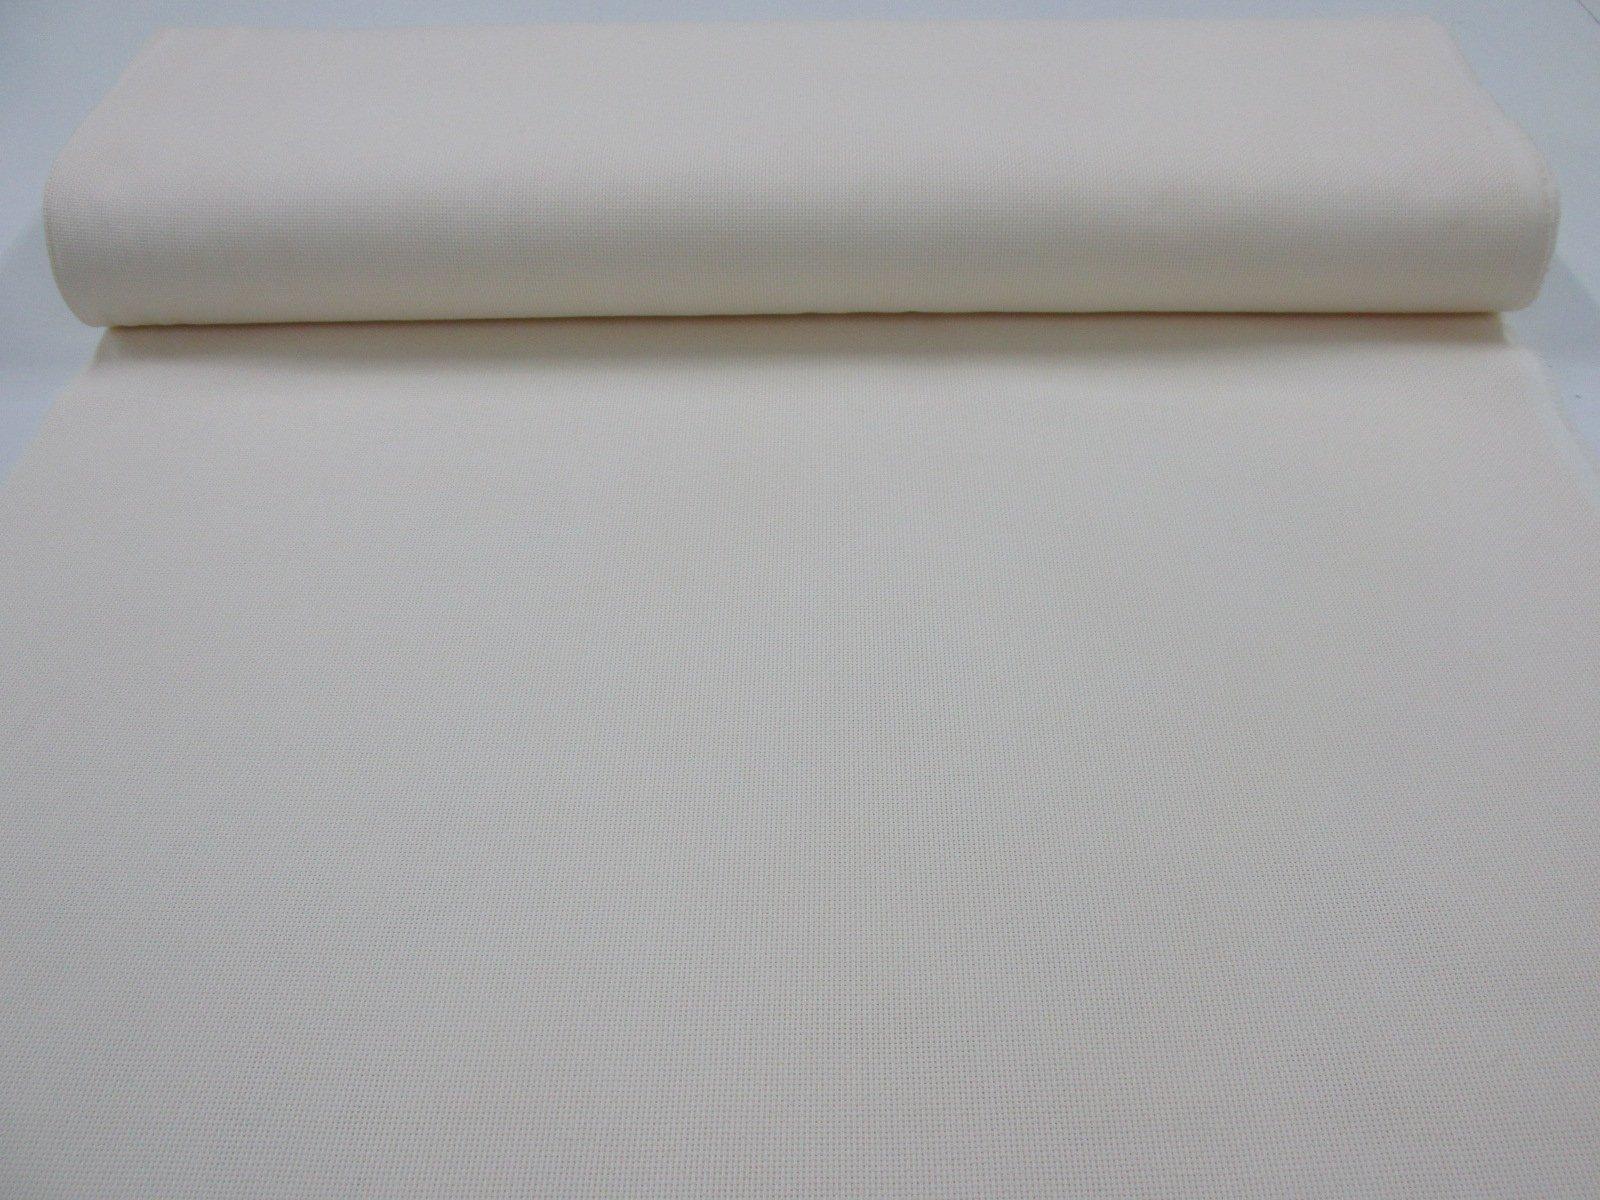 Rayas Blanco Culla con Ancho 2,80 MTS. Confecci/ón Saymi Metraje 0,50 MTS Tejido loneta Estampada Ref